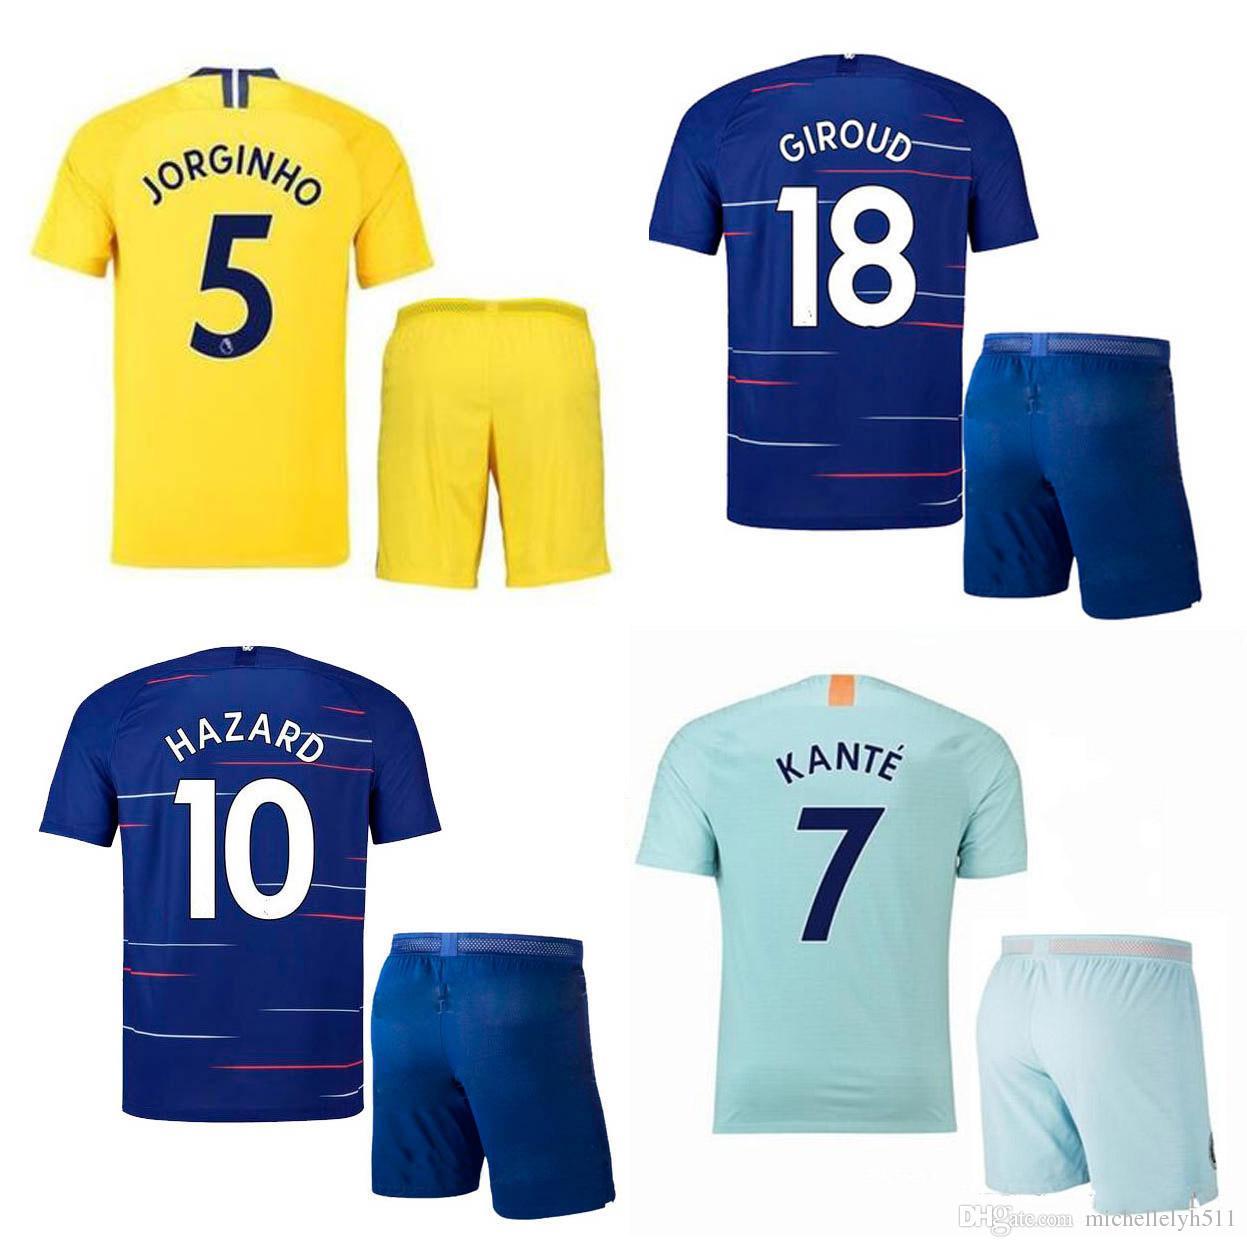 29774e24232 18 19 HAZARD Soccer Jersey Shorts MAROTA FABREGAS KANTE GIROUD ...